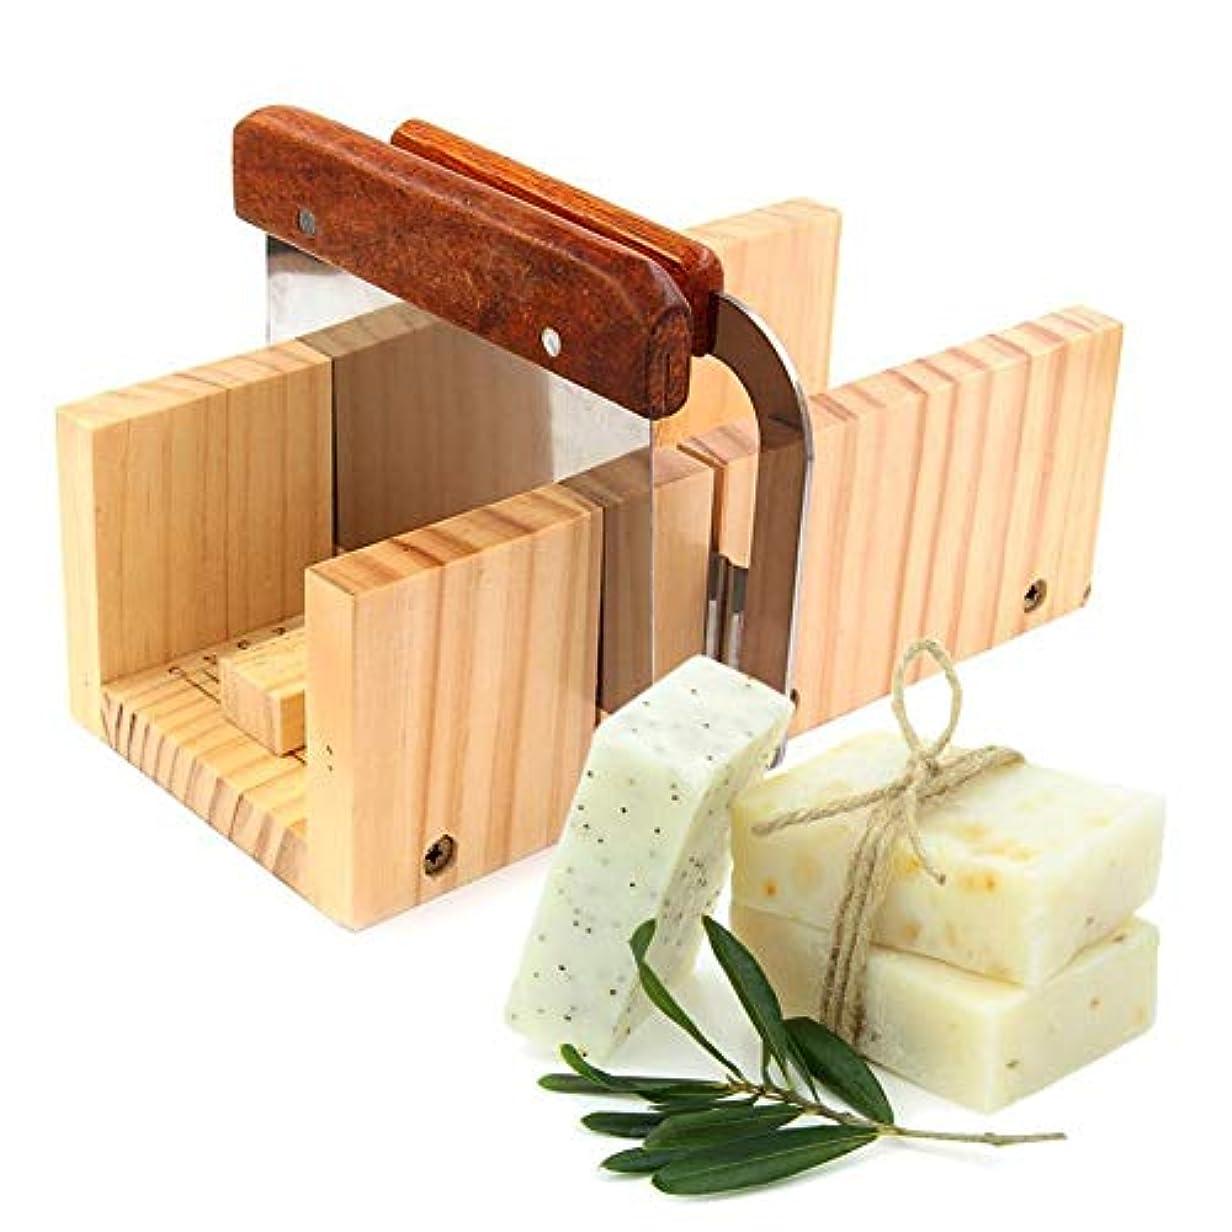 外交に対処するプレゼンRagem ソープカッター 手作り石鹸金型 木製 ローフカッターボックス 調整可能 多機能ソープ切削工具 ストレートプレーニングツール